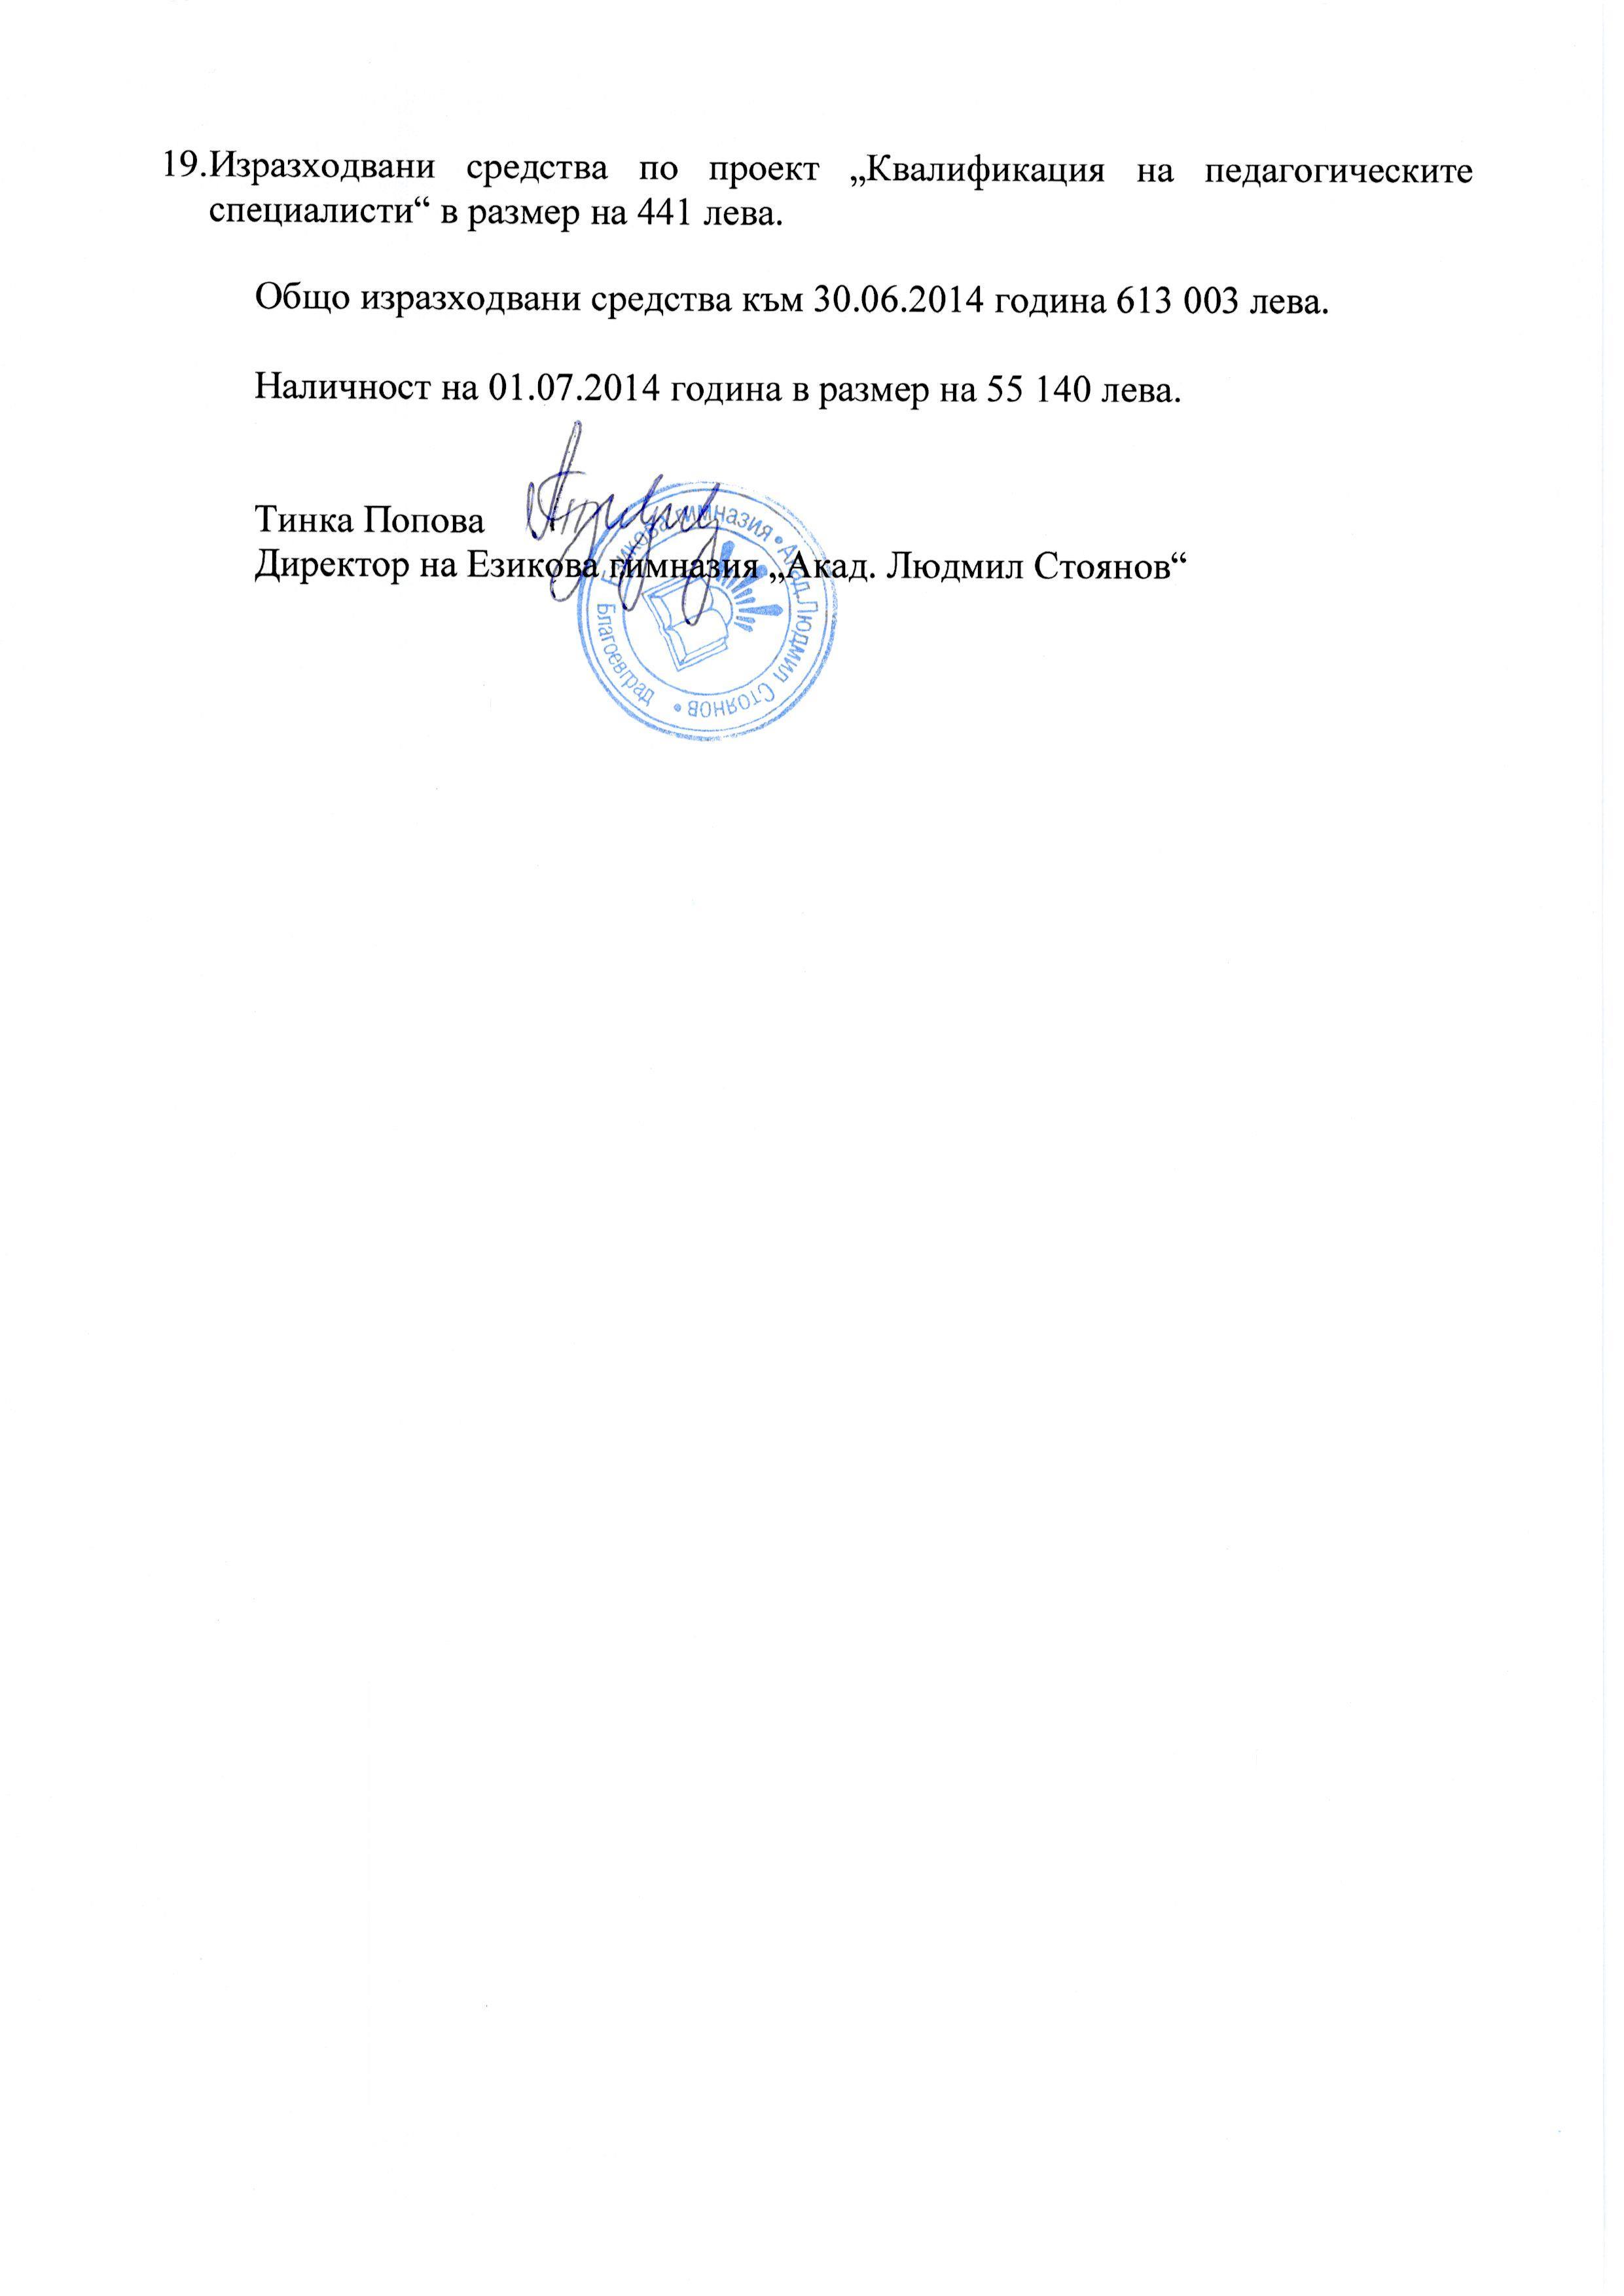 otchet 30.06.2014 Page 06